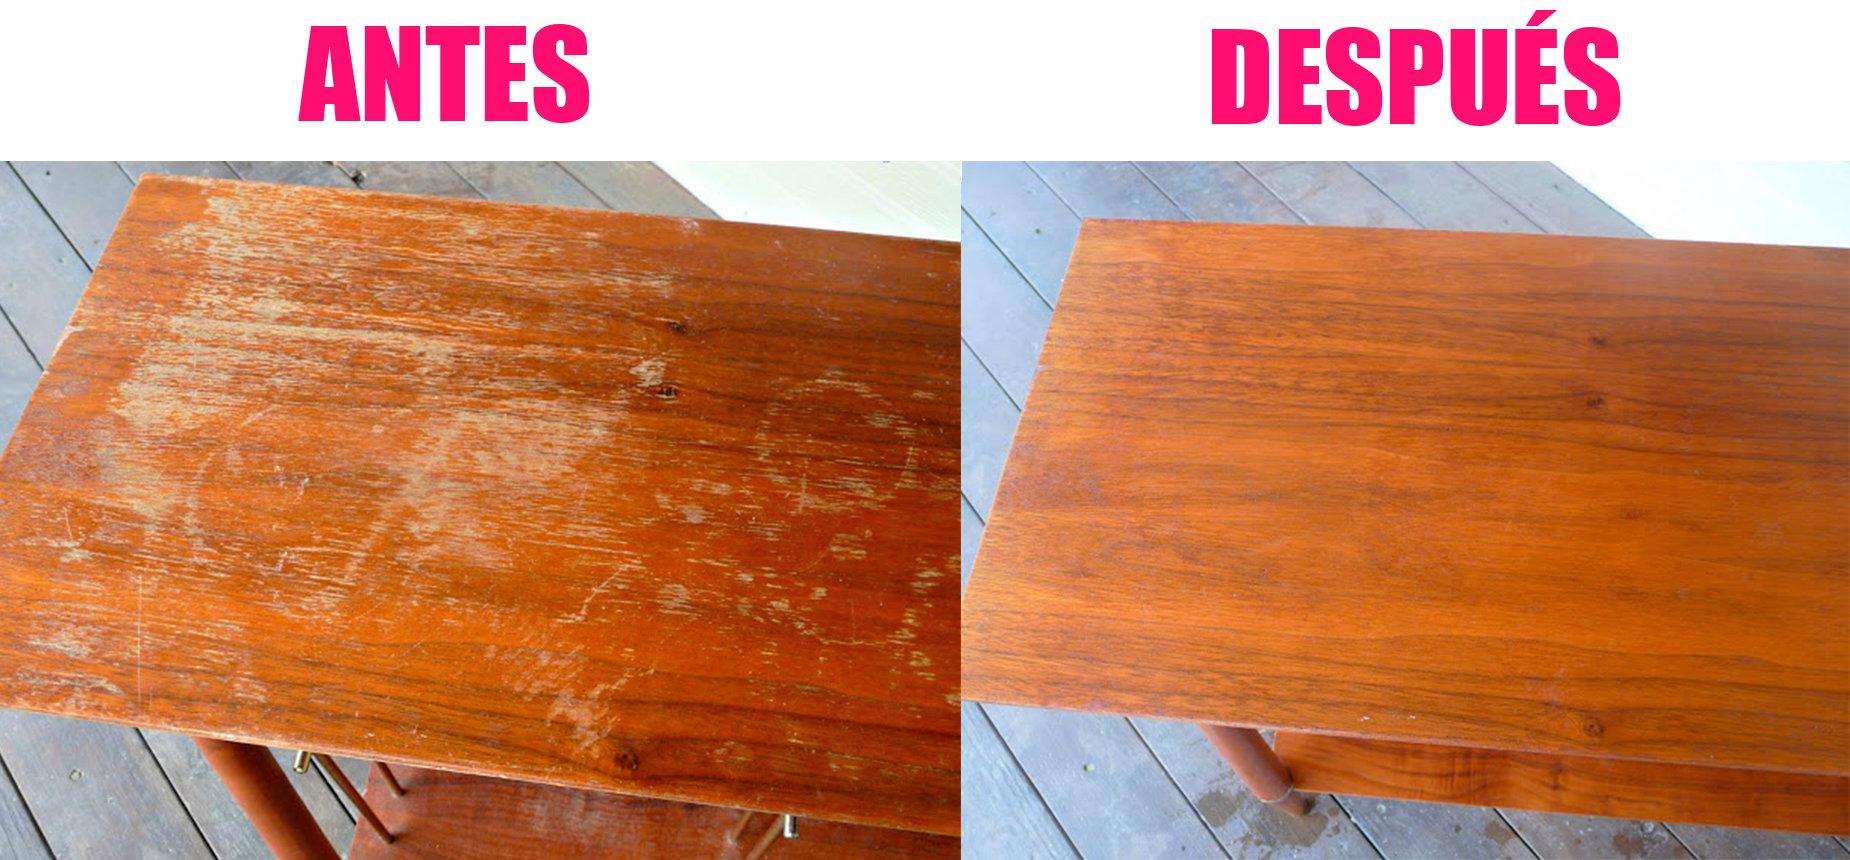 15 trucos que te ahorrar n tiempo a la hora de limpiar - Como limpiar los muebles de madera ...